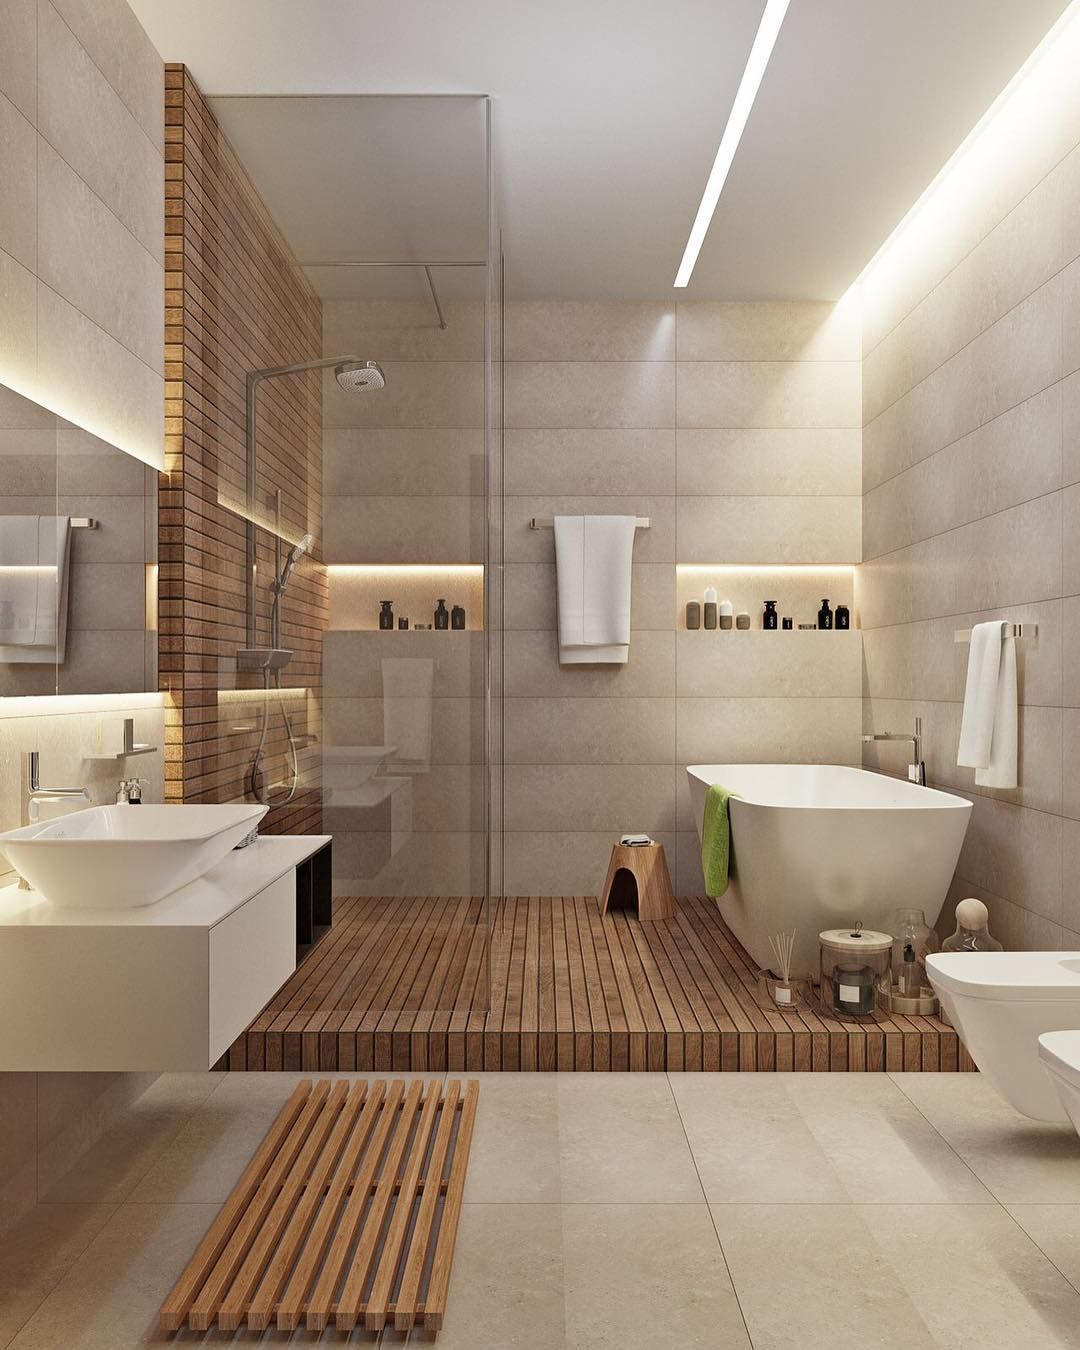 Pin von Carol Ng auf Bathrooms | Pinterest | Schöne bäder, Bäder und ...